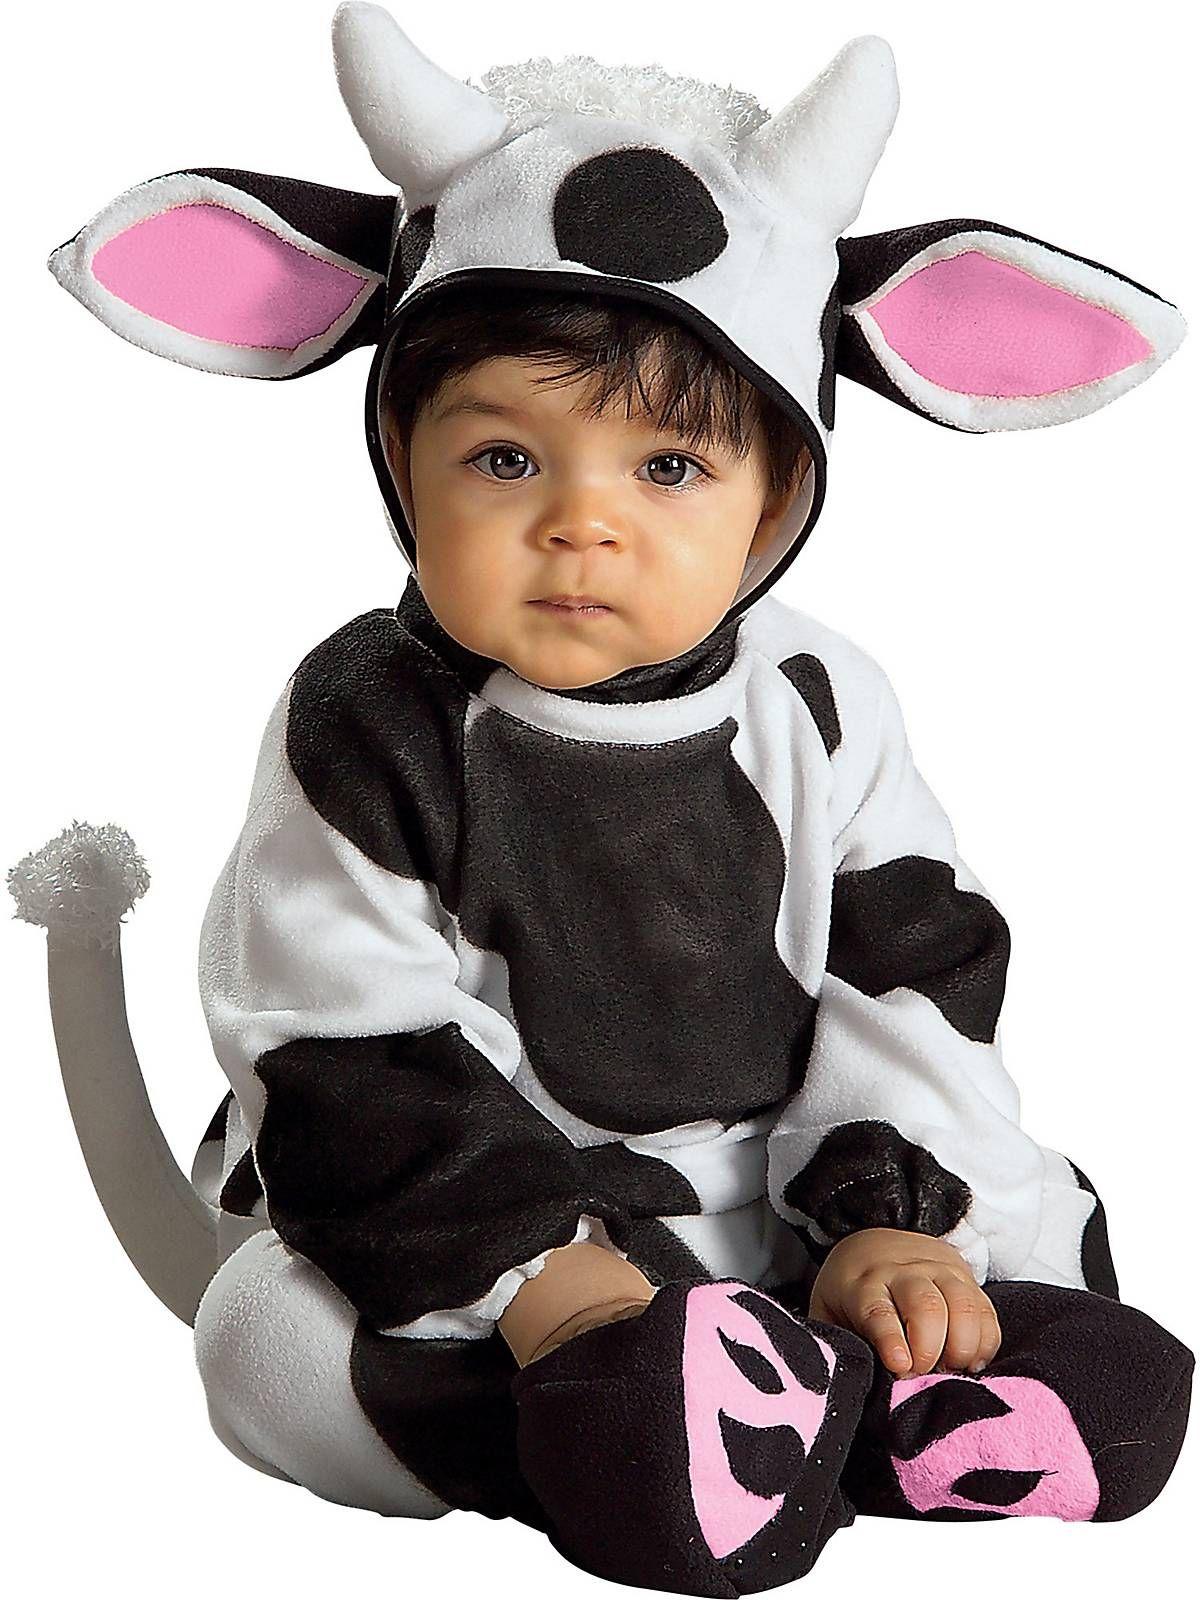 Baby Halloween Costumes Animals.Cozy Cow Costume Toddler Cow Costume Cow Halloween Costume Baby Halloween Costumes